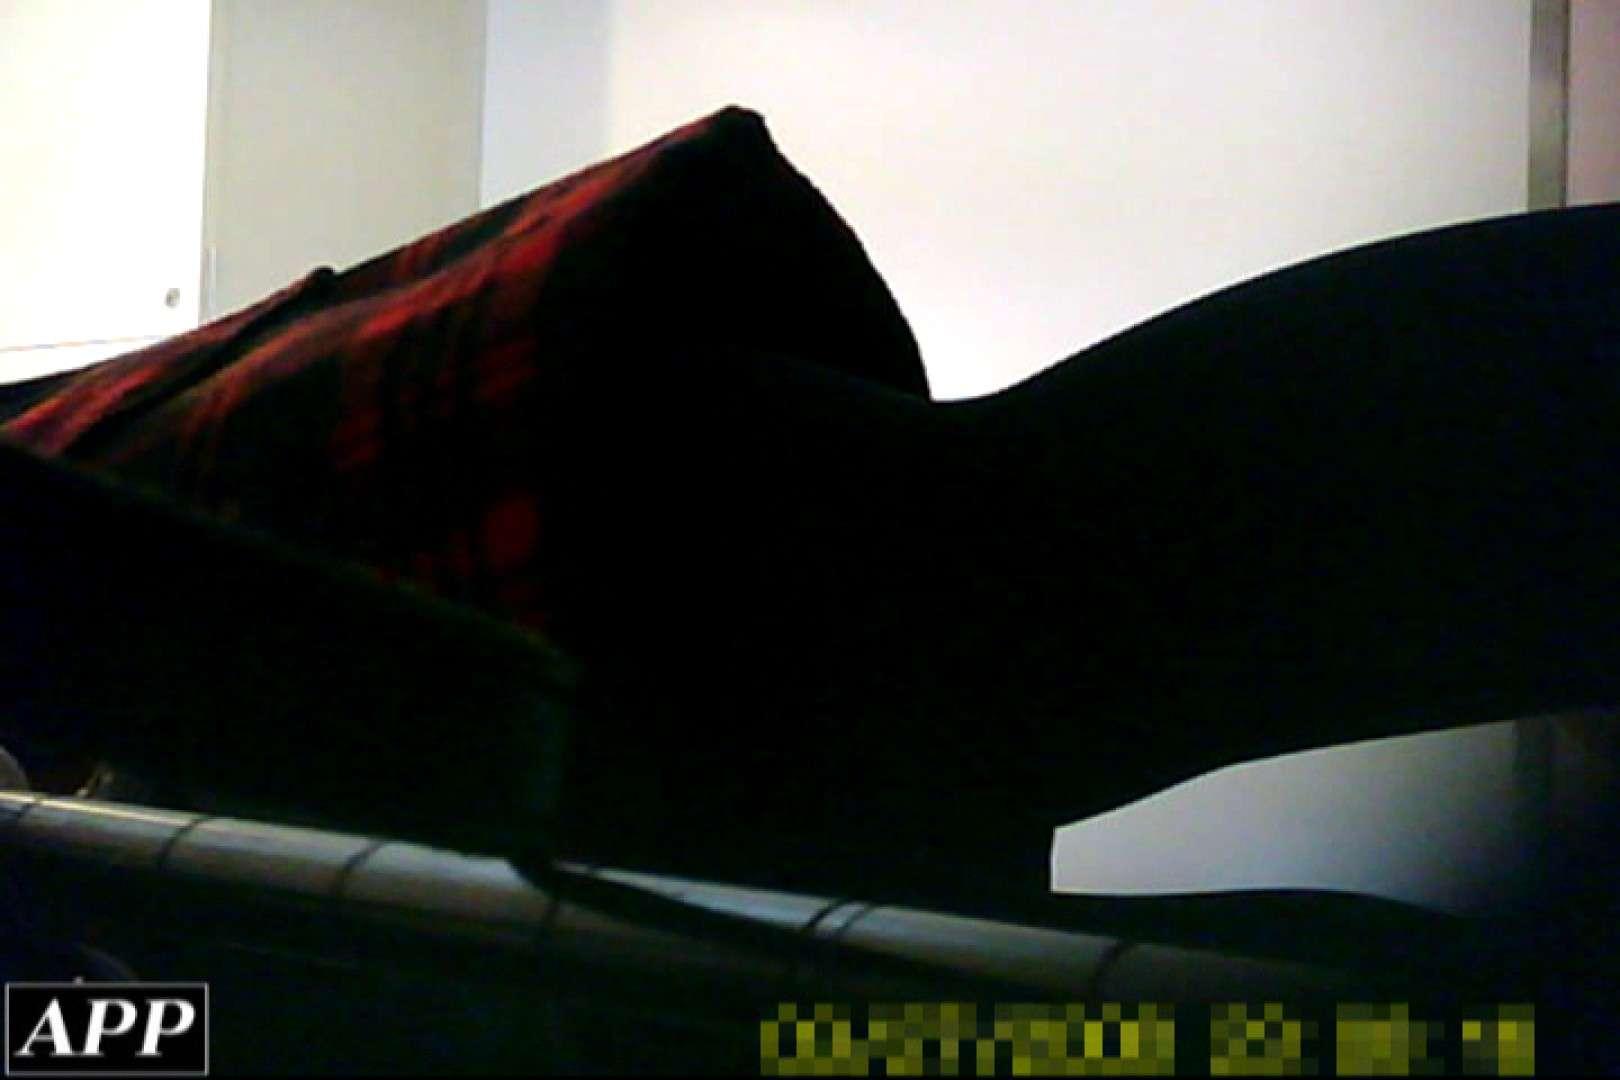 3視点洗面所 vol.004 OLエロ画像 | 洗面所  107PICs 93